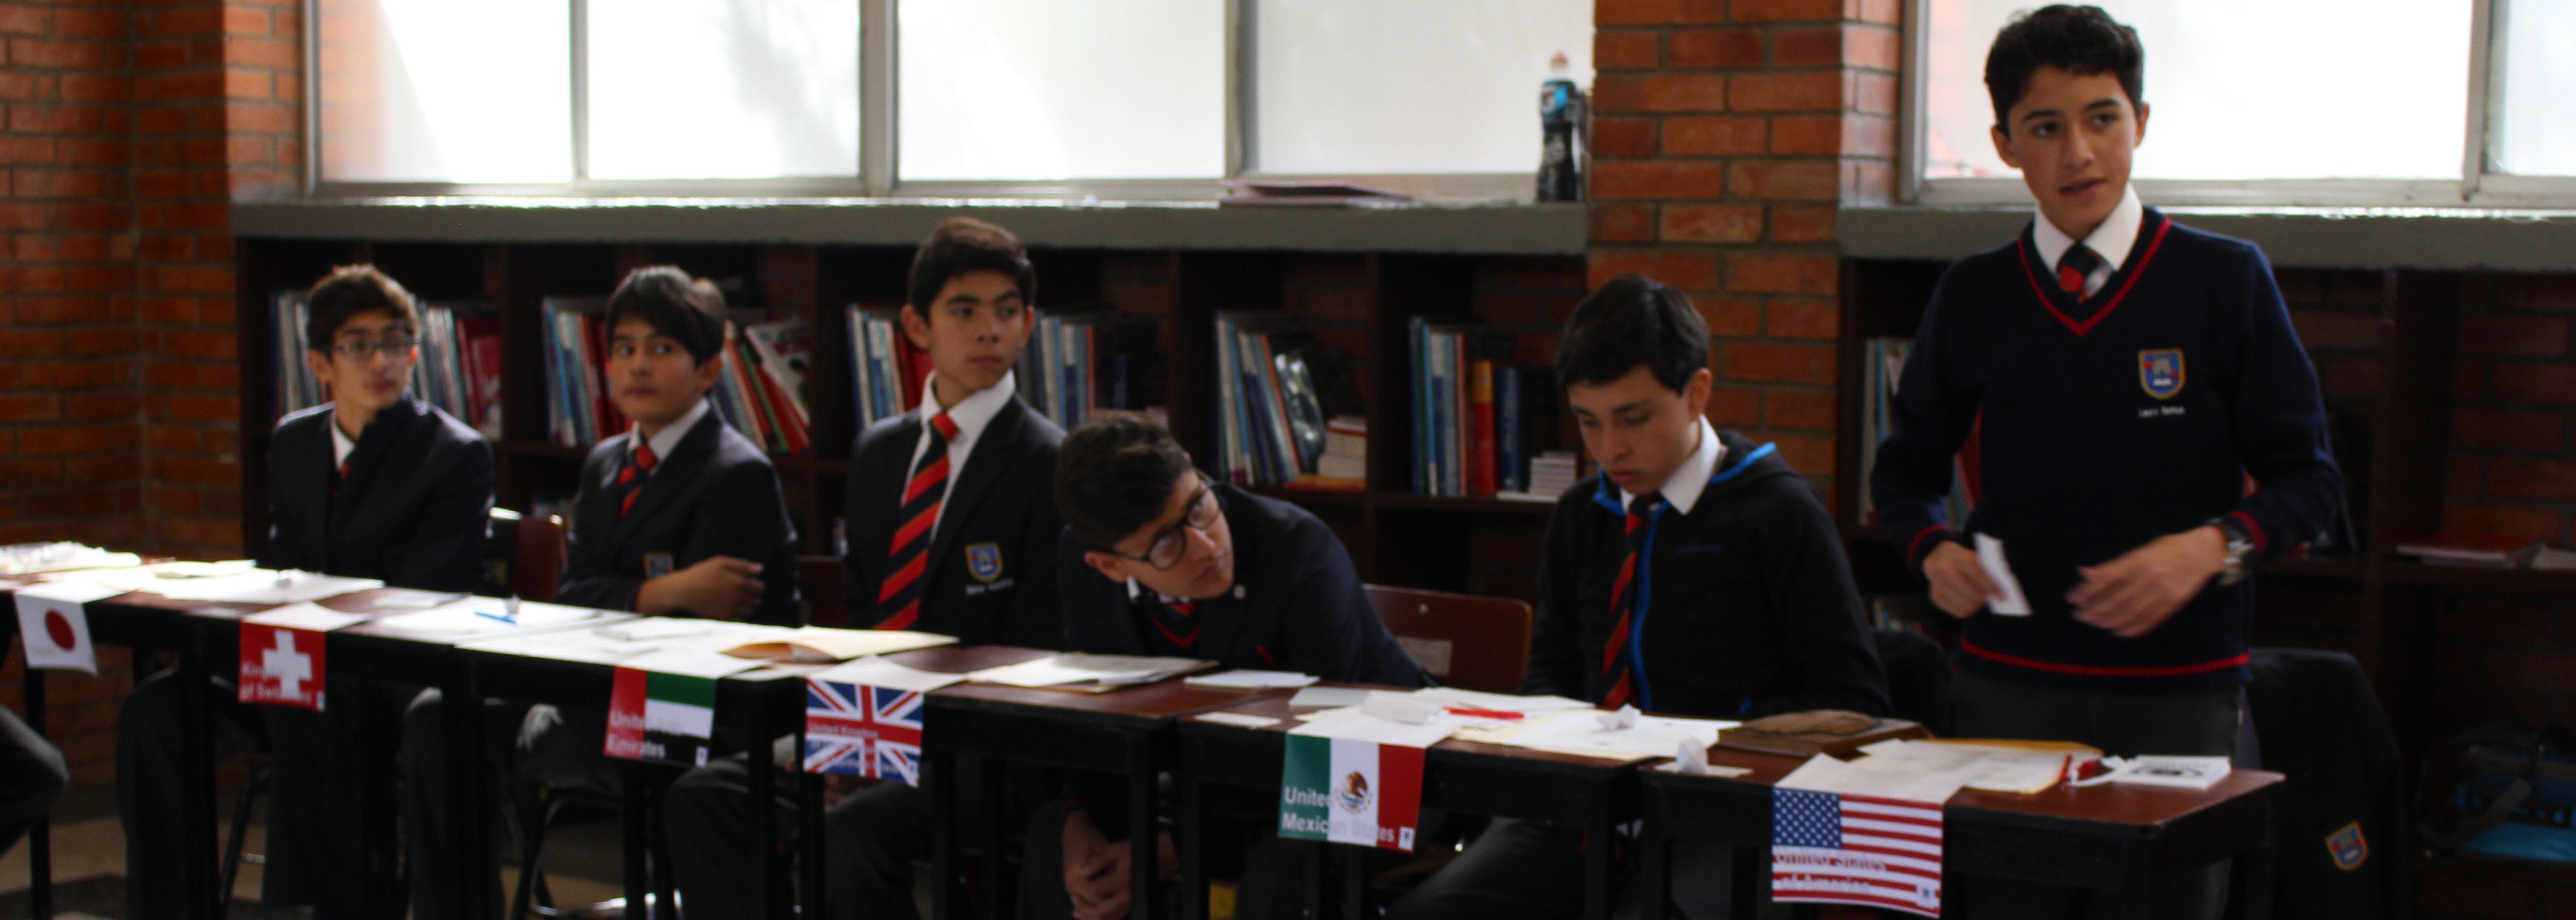 mejores_colegios_de_san_luis_realmun